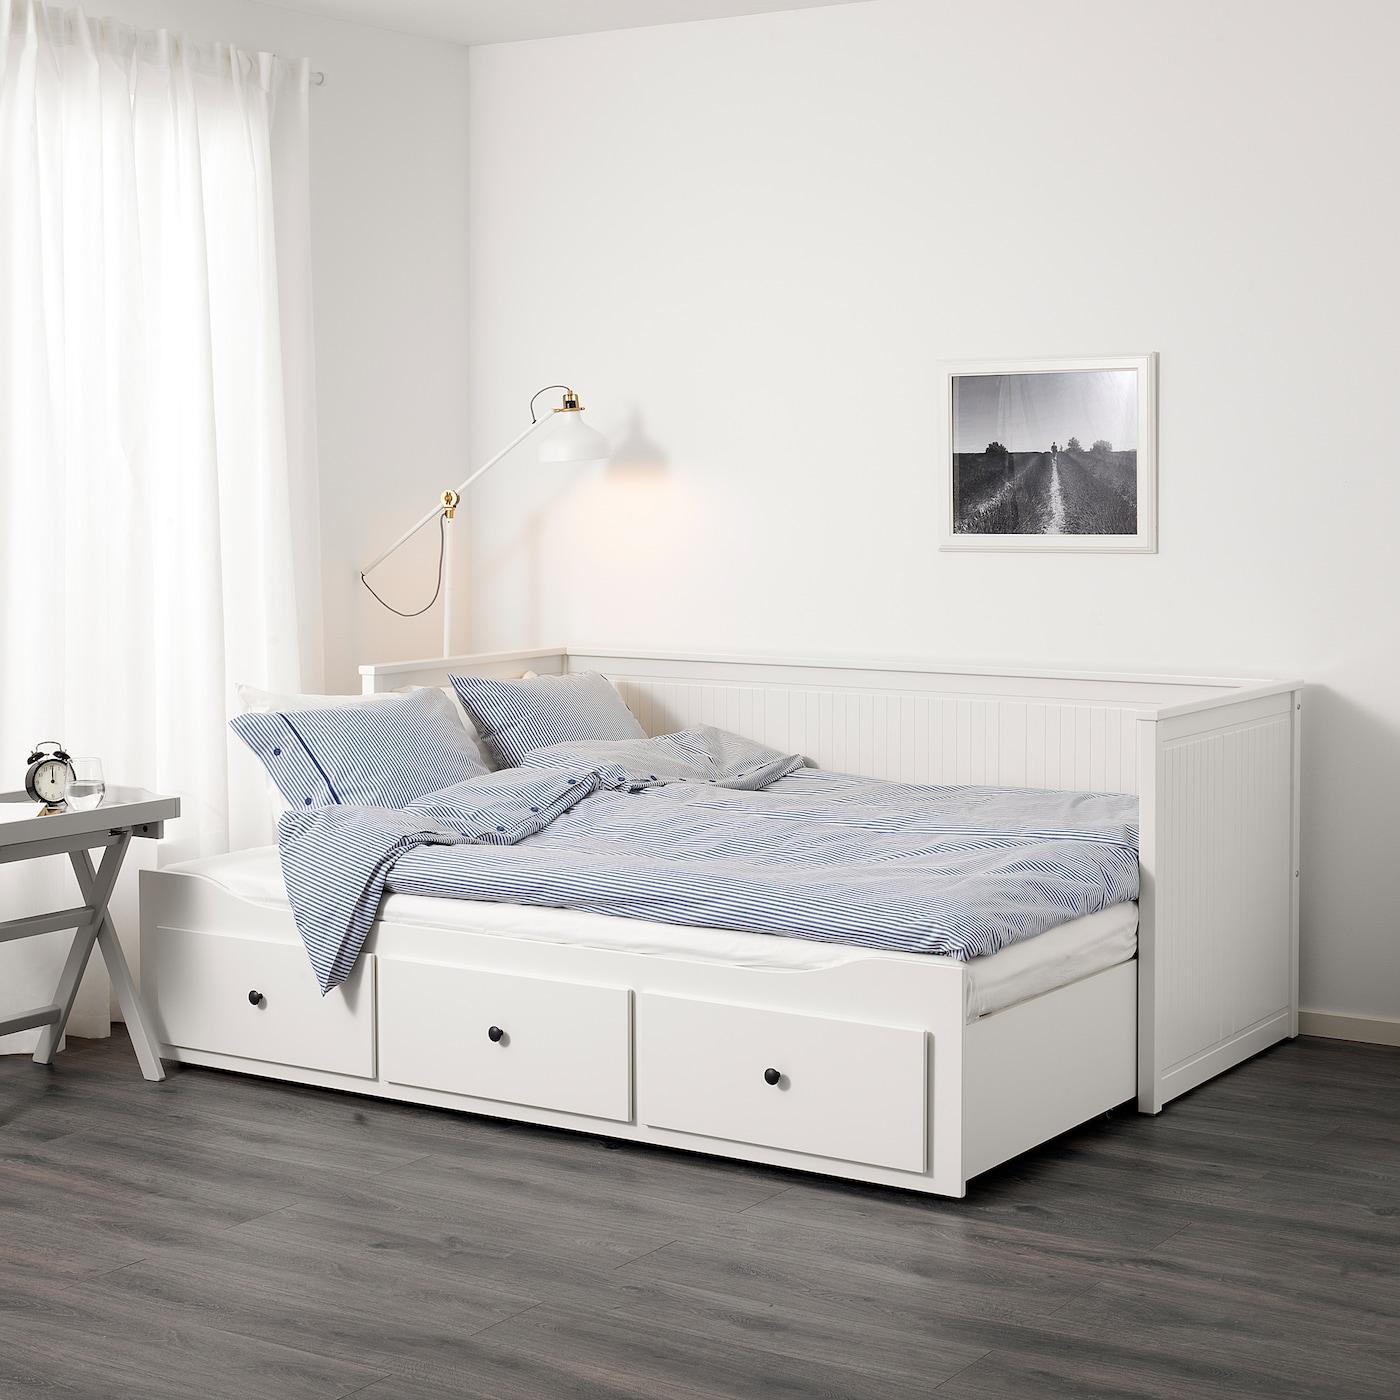 Hemnes Tagesbett 3 Schubladen 2 Matratzen Weiss Malfors Mittelfest Ikea Deutschland